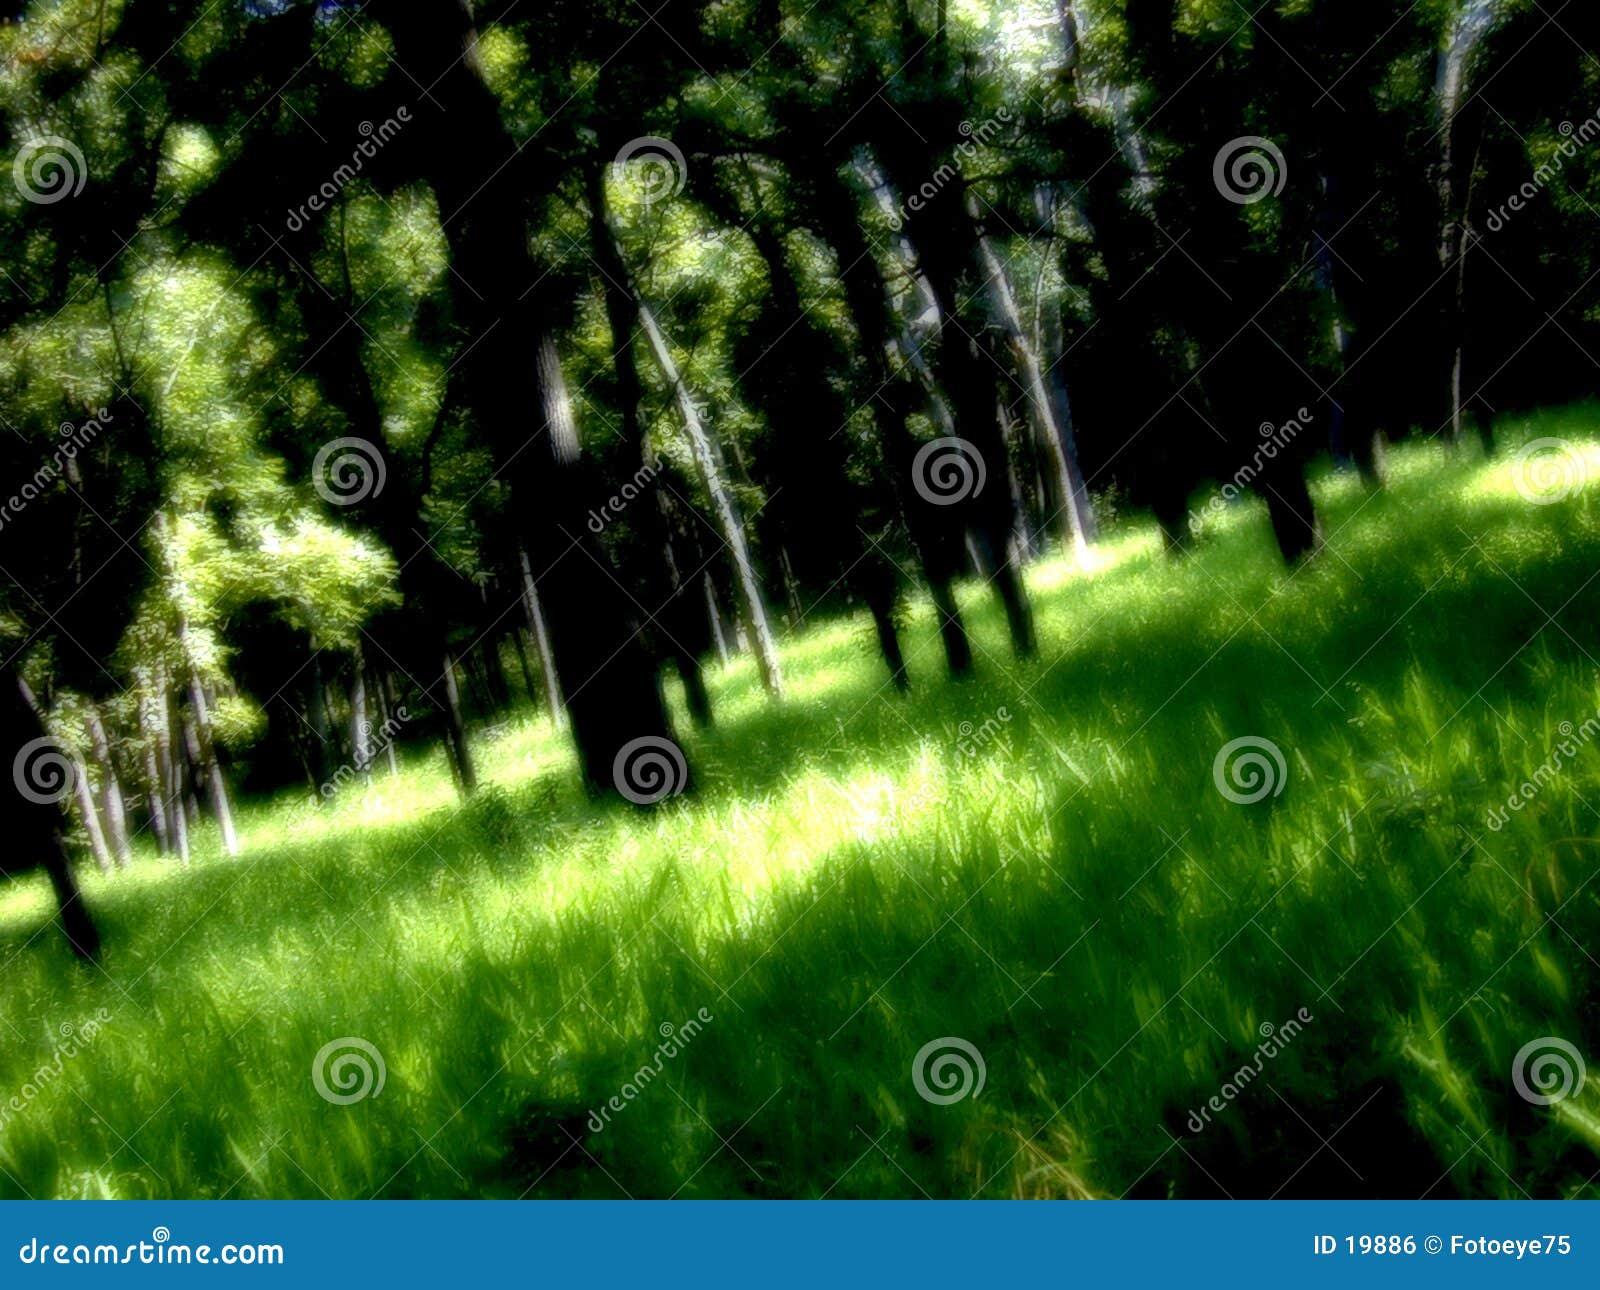 Download Foresta dei sogni fotografia stock. Immagine di foresta - 19886